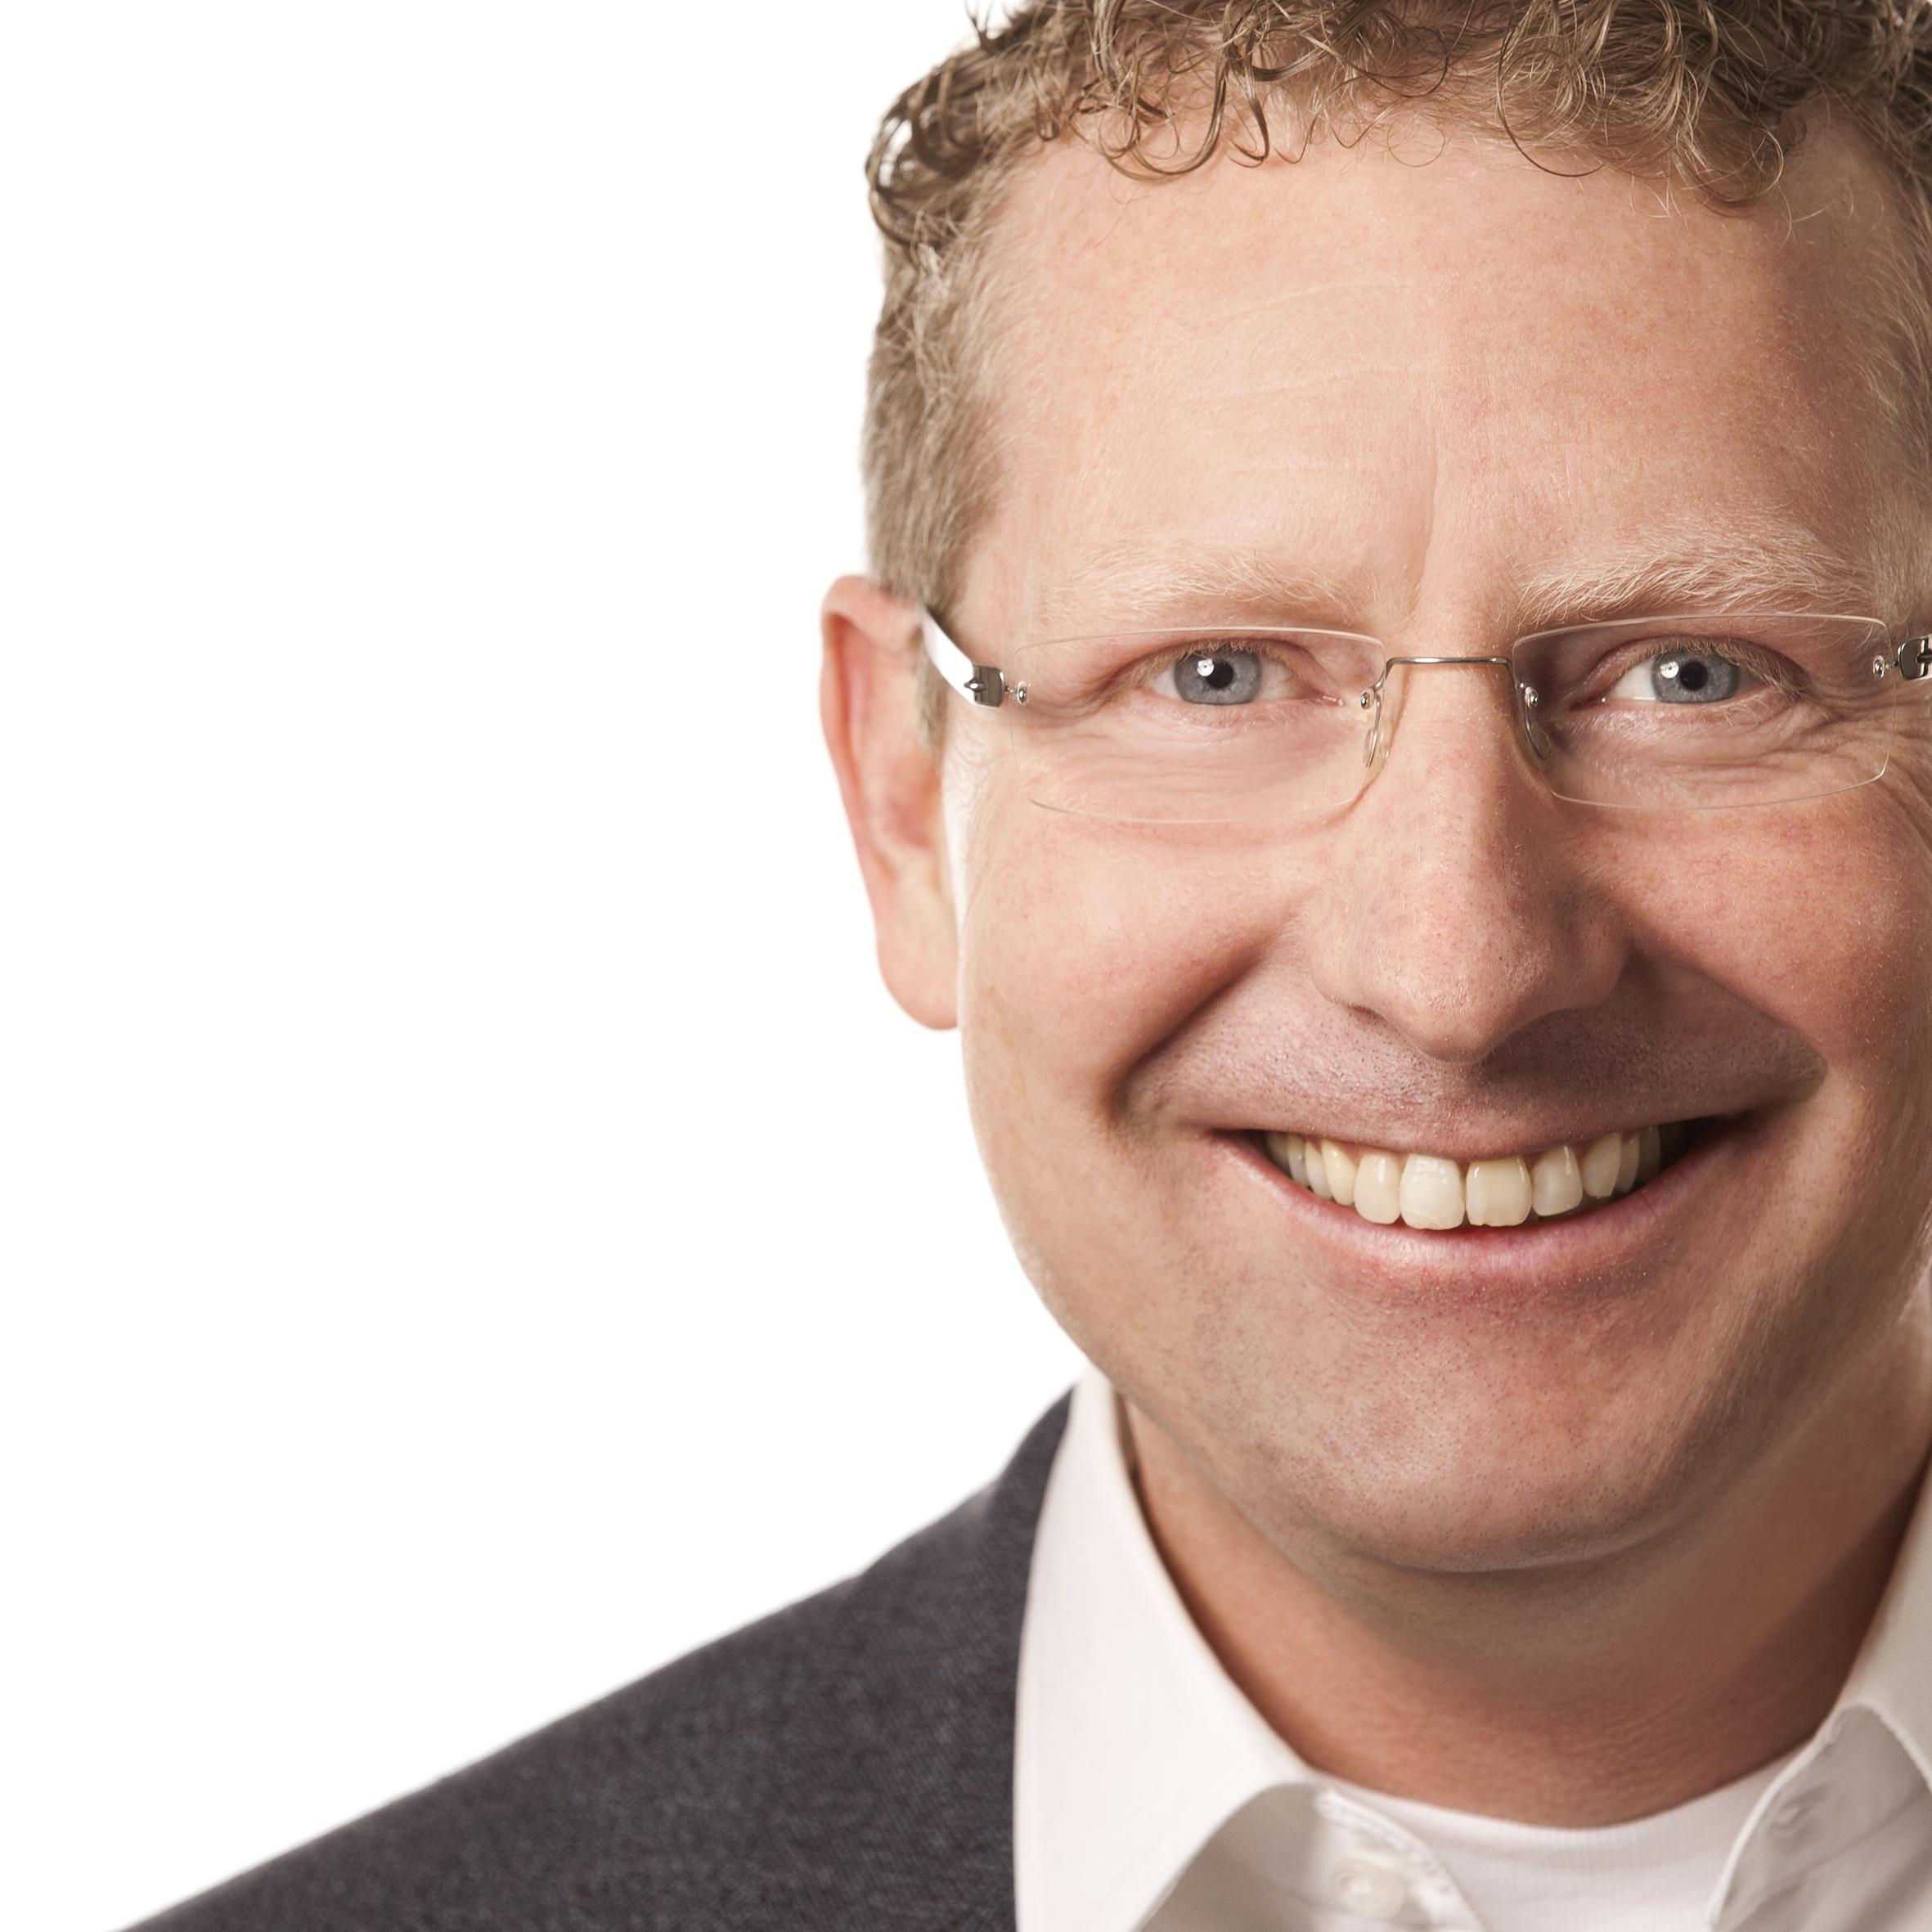 Jeffrey van Beek